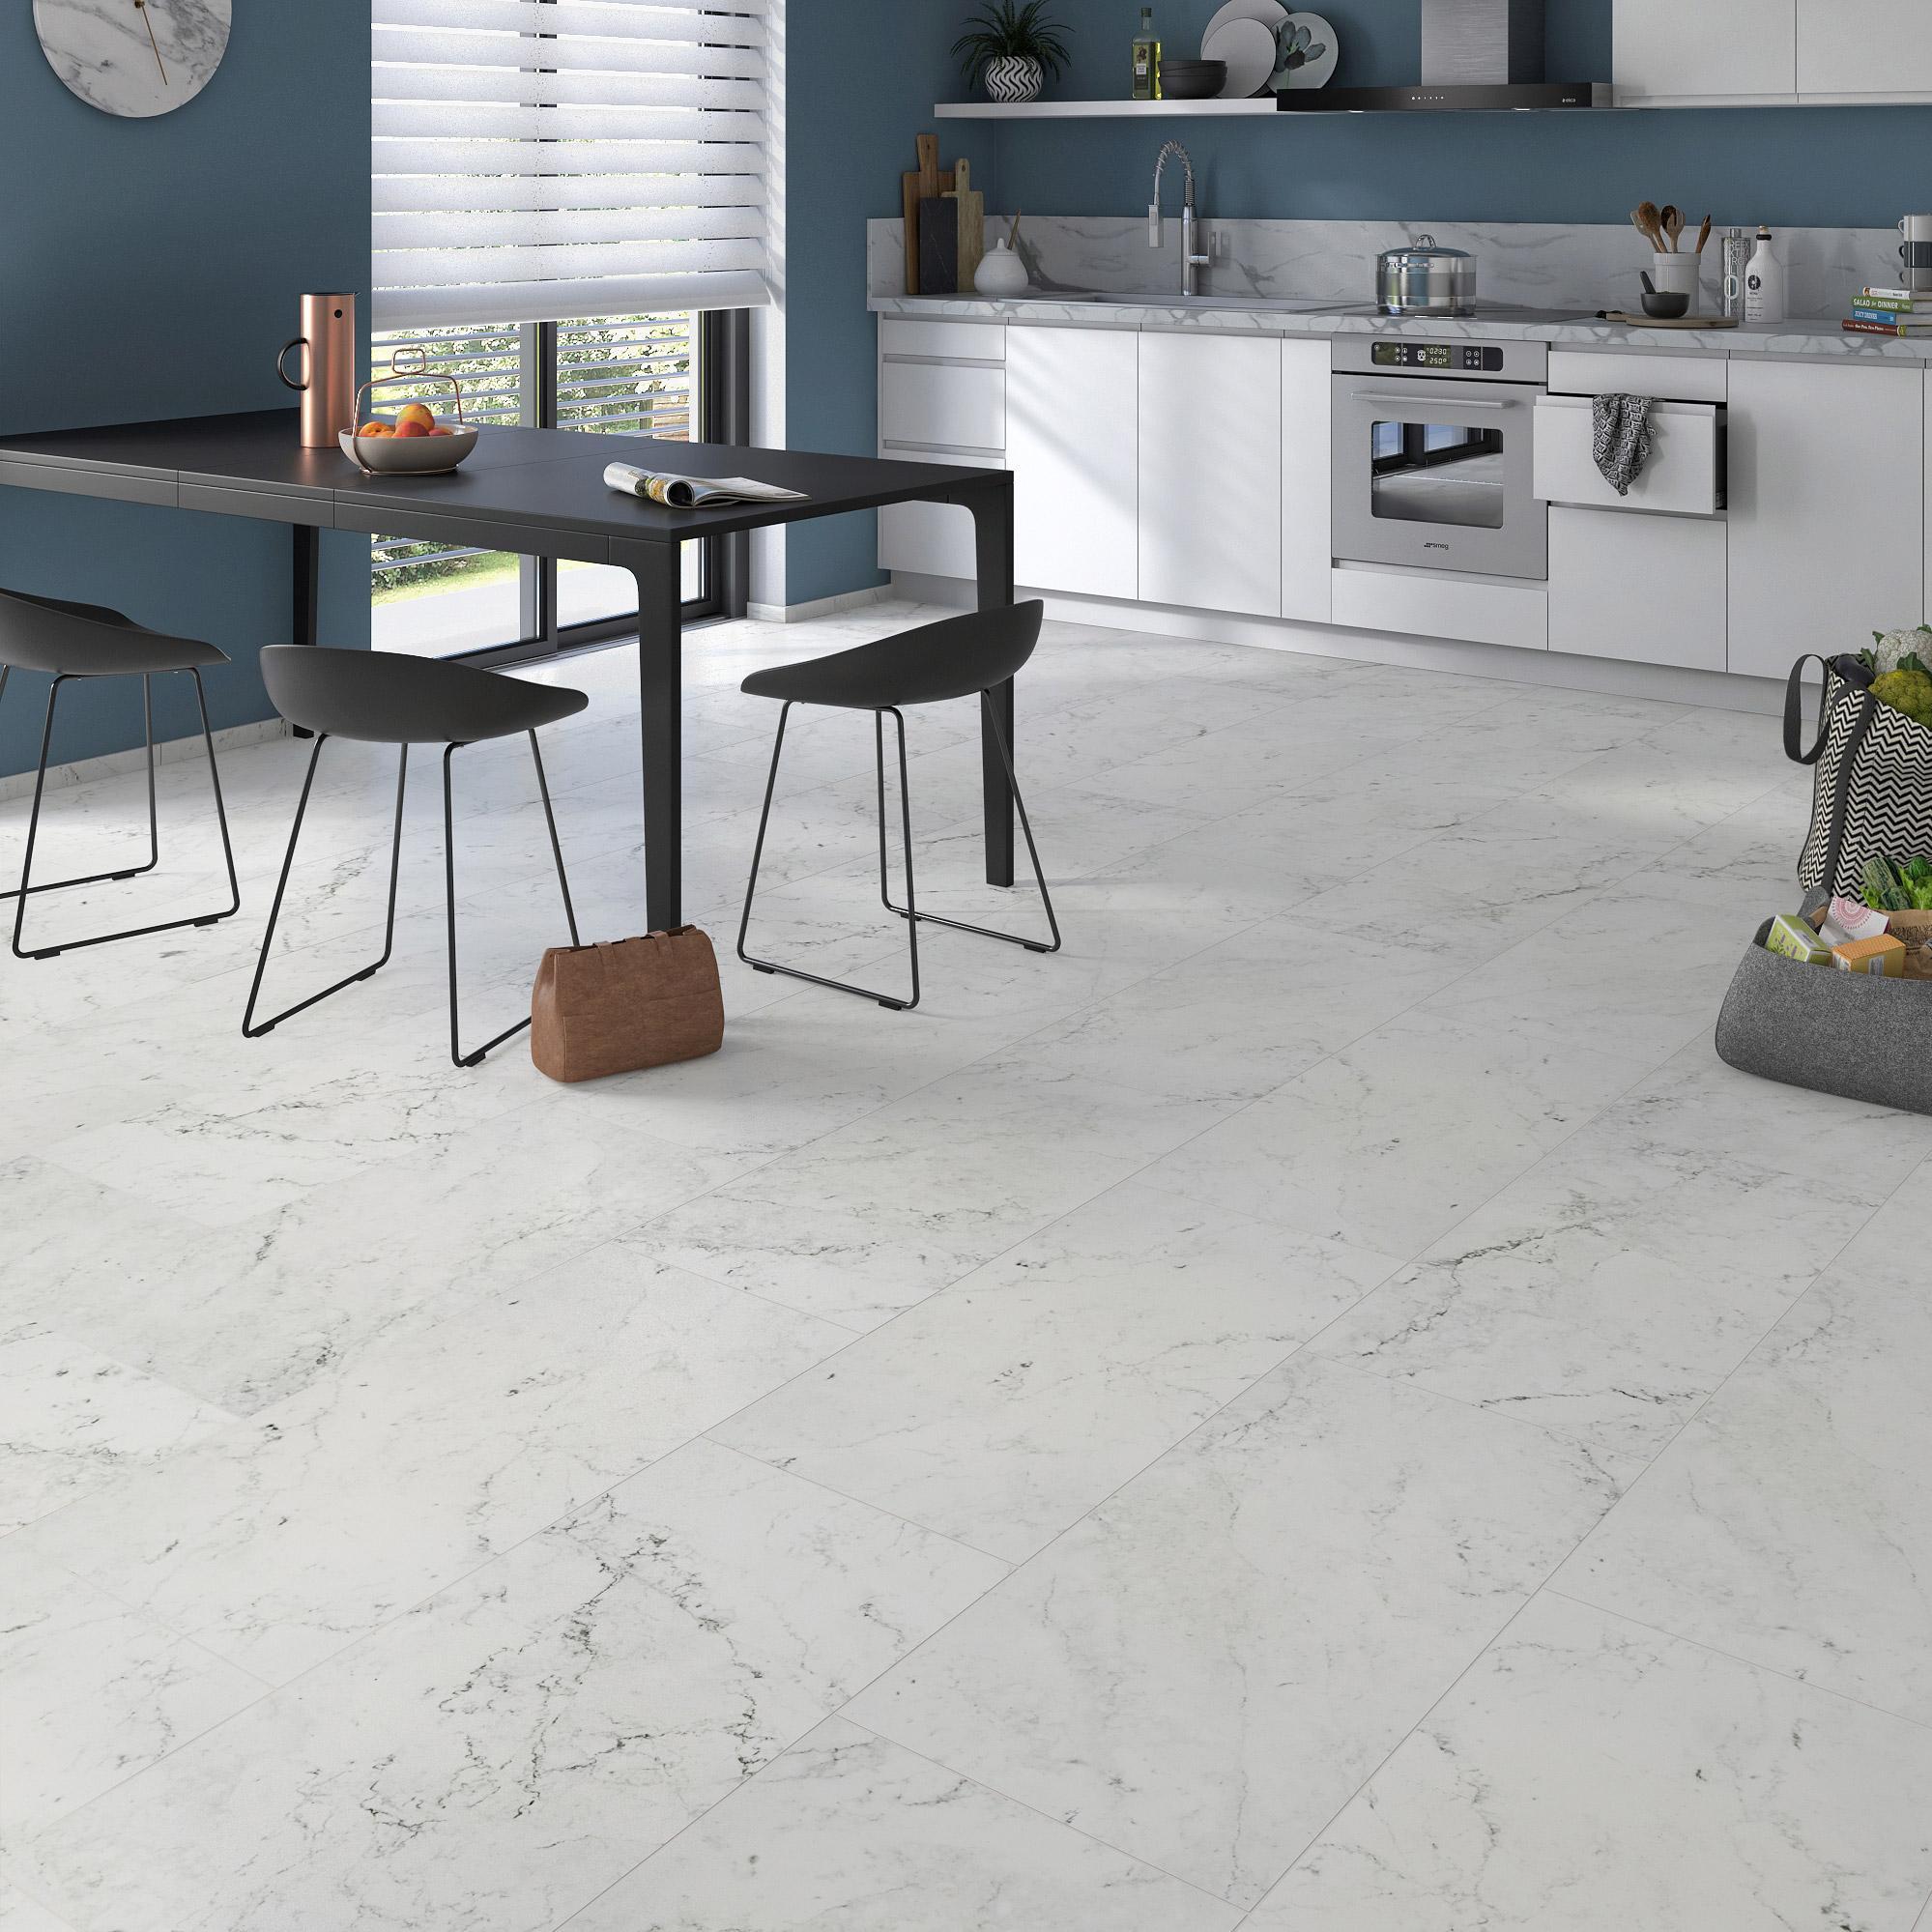 Marbre Blanc Sol Prix carrelage sol et mur intenso effet marbre blanc cos l.40 x l.80 cm cerim  inspire